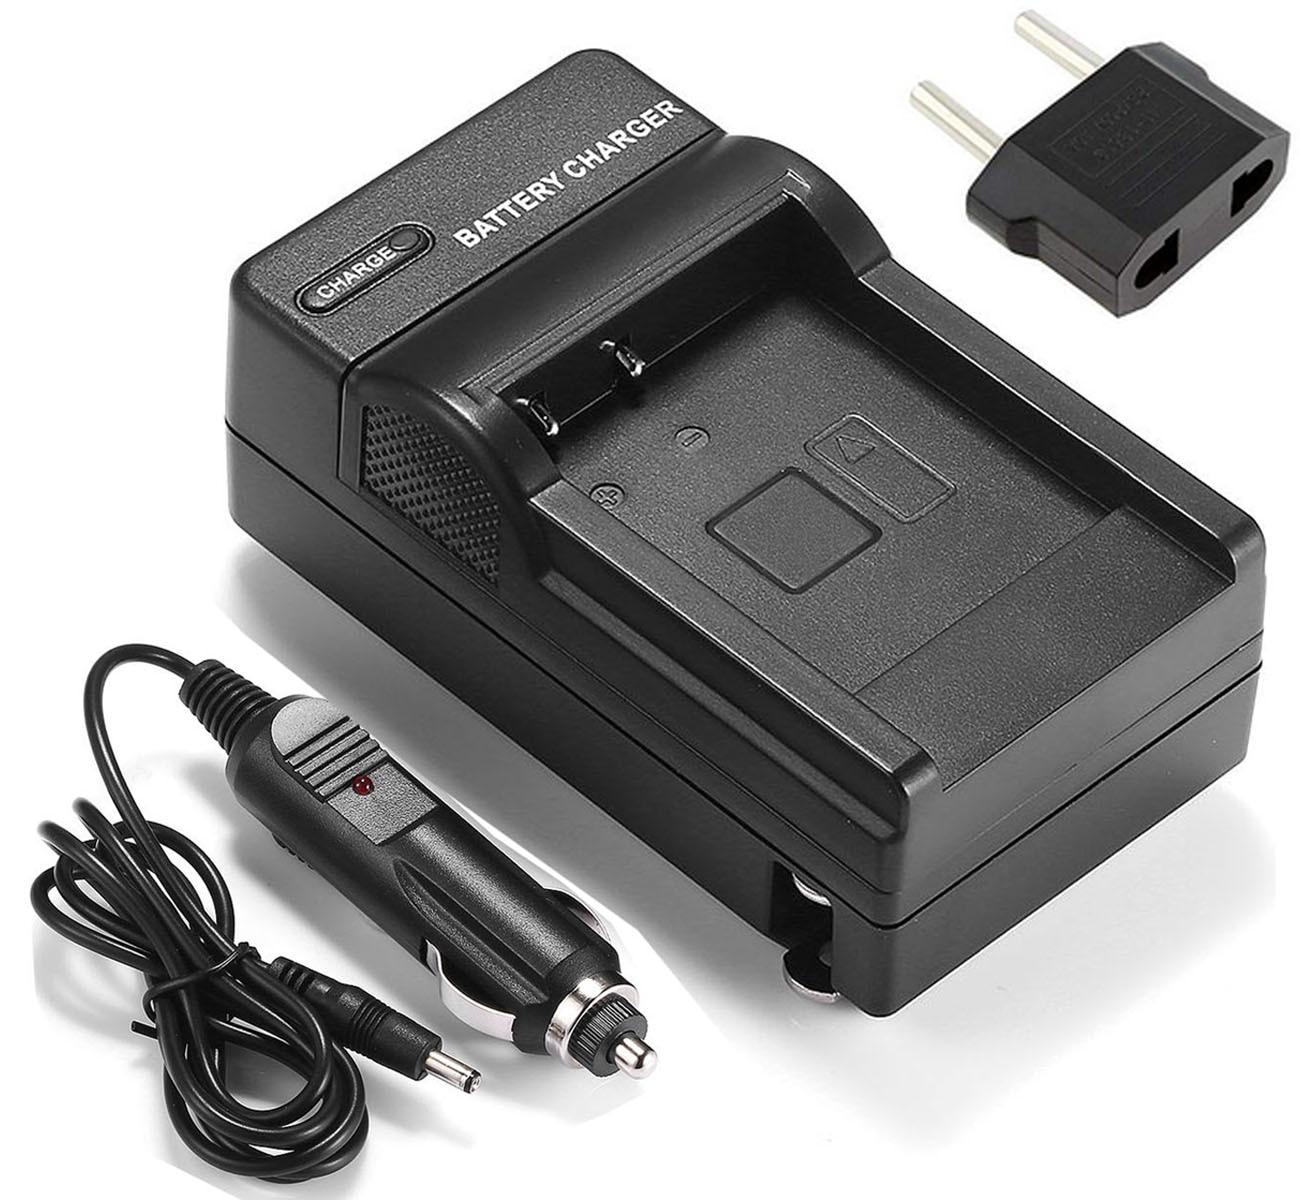 Carregador de Bateria para Canon Powershot Sd800is Sd850is Sd870is Sd880is Sd890is Câmera Elph Digital Sd700 é Sd700is Sd790is